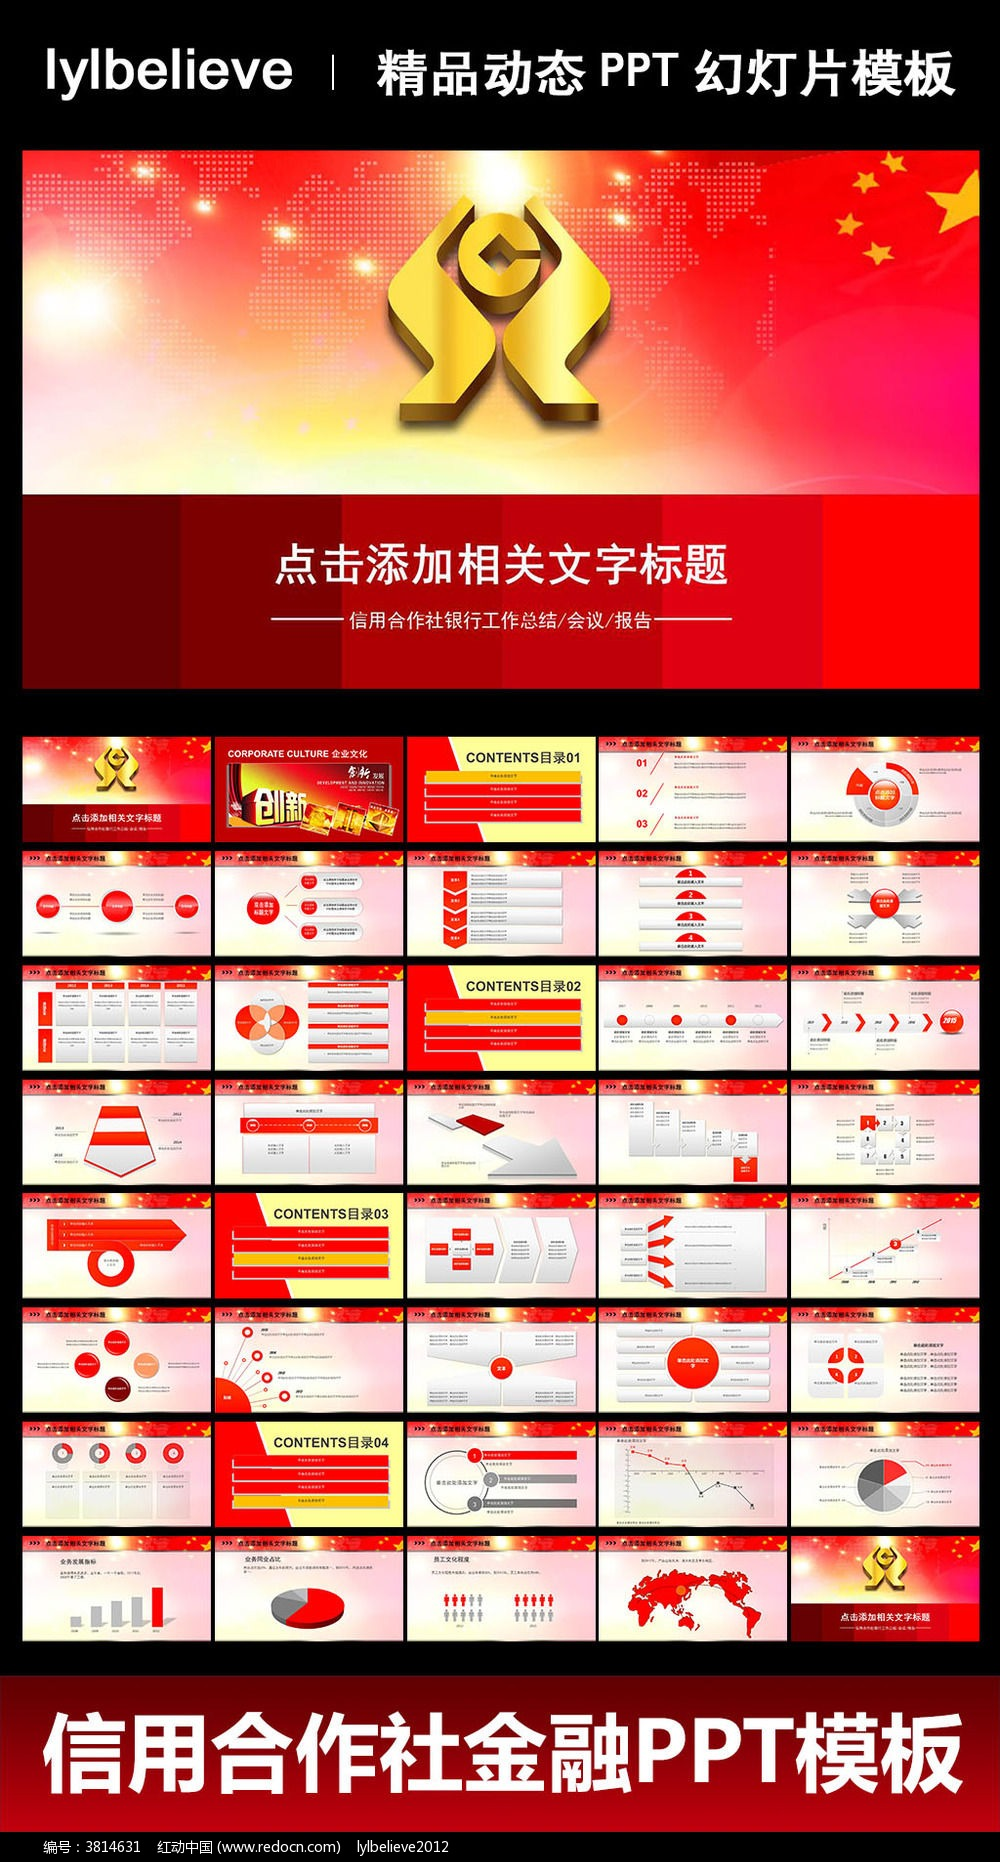 城市 利率 存款 准备金 金融服务 红色背景-11款 央行金融动态PPT模板